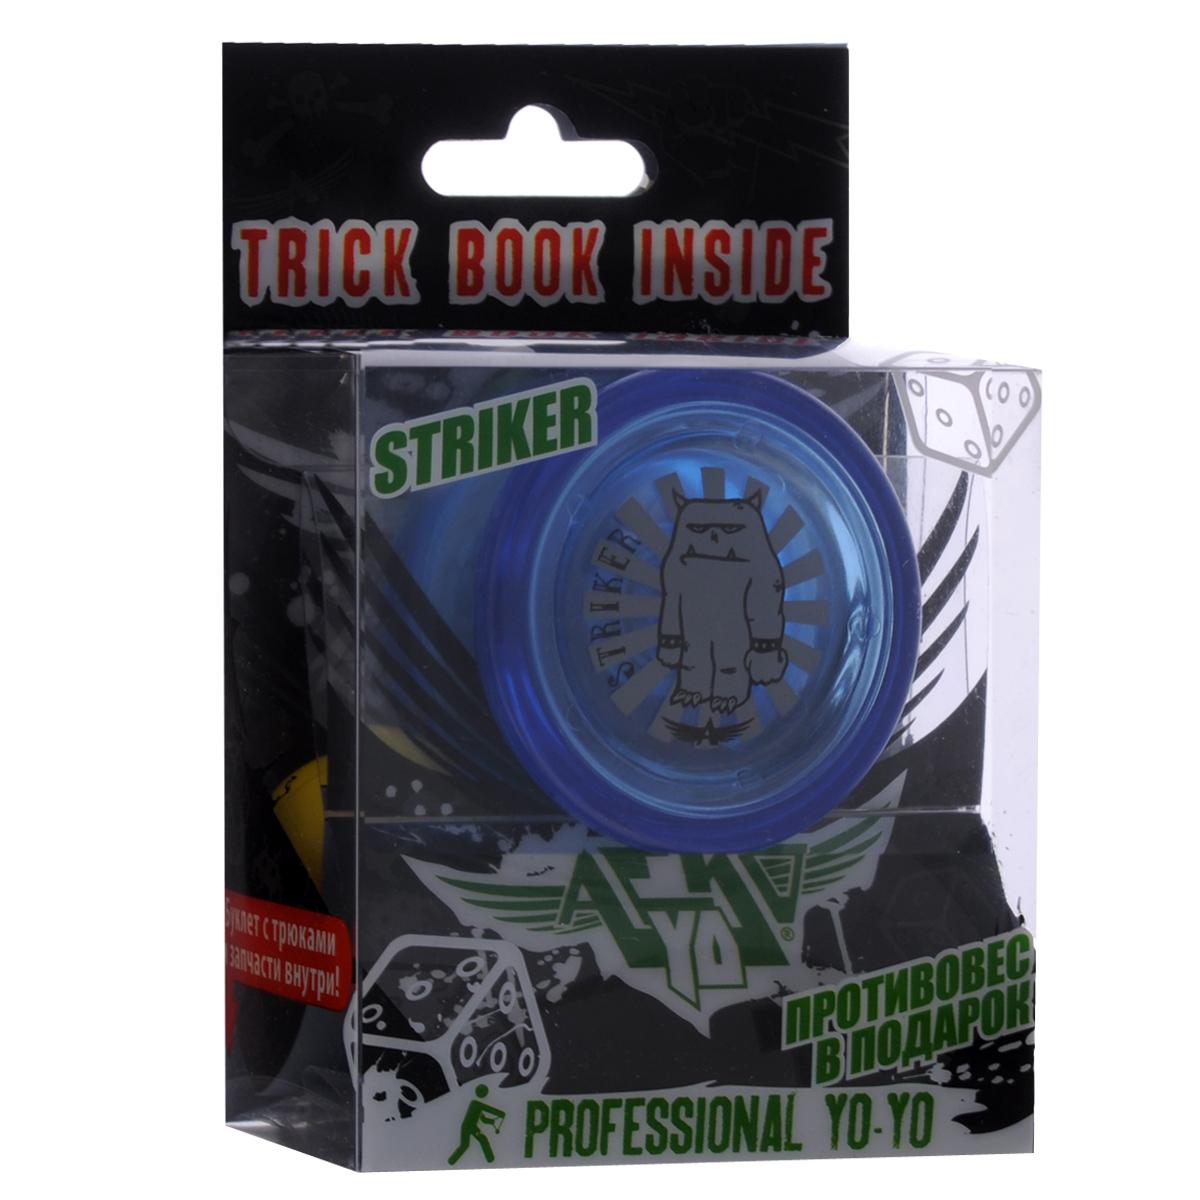 Йо-йо Aero Striker, цвет: синий732011_синийЙо-йо Aero Striker - это переработанная версия бестселлера Cryptic Arc. Отличается отличным распределением веса, подшипником с канавкой для центровки веревки, мягкой тормозной системой, что отличает йо-йо Striker от низкокачественных игрушек-однодневок и позволяет освоить множество продвинутых трюков. Профессиональное пластиковое йо-йо, которое не оставит равнодушным игрока любого уровня. Игрушка состоит из двух симметричных половинок соединенных осью, к которой прикреплена веревка. Тип подшипника: Grooved D. Йо-йо упакован в металлическую упаковку с окошком.